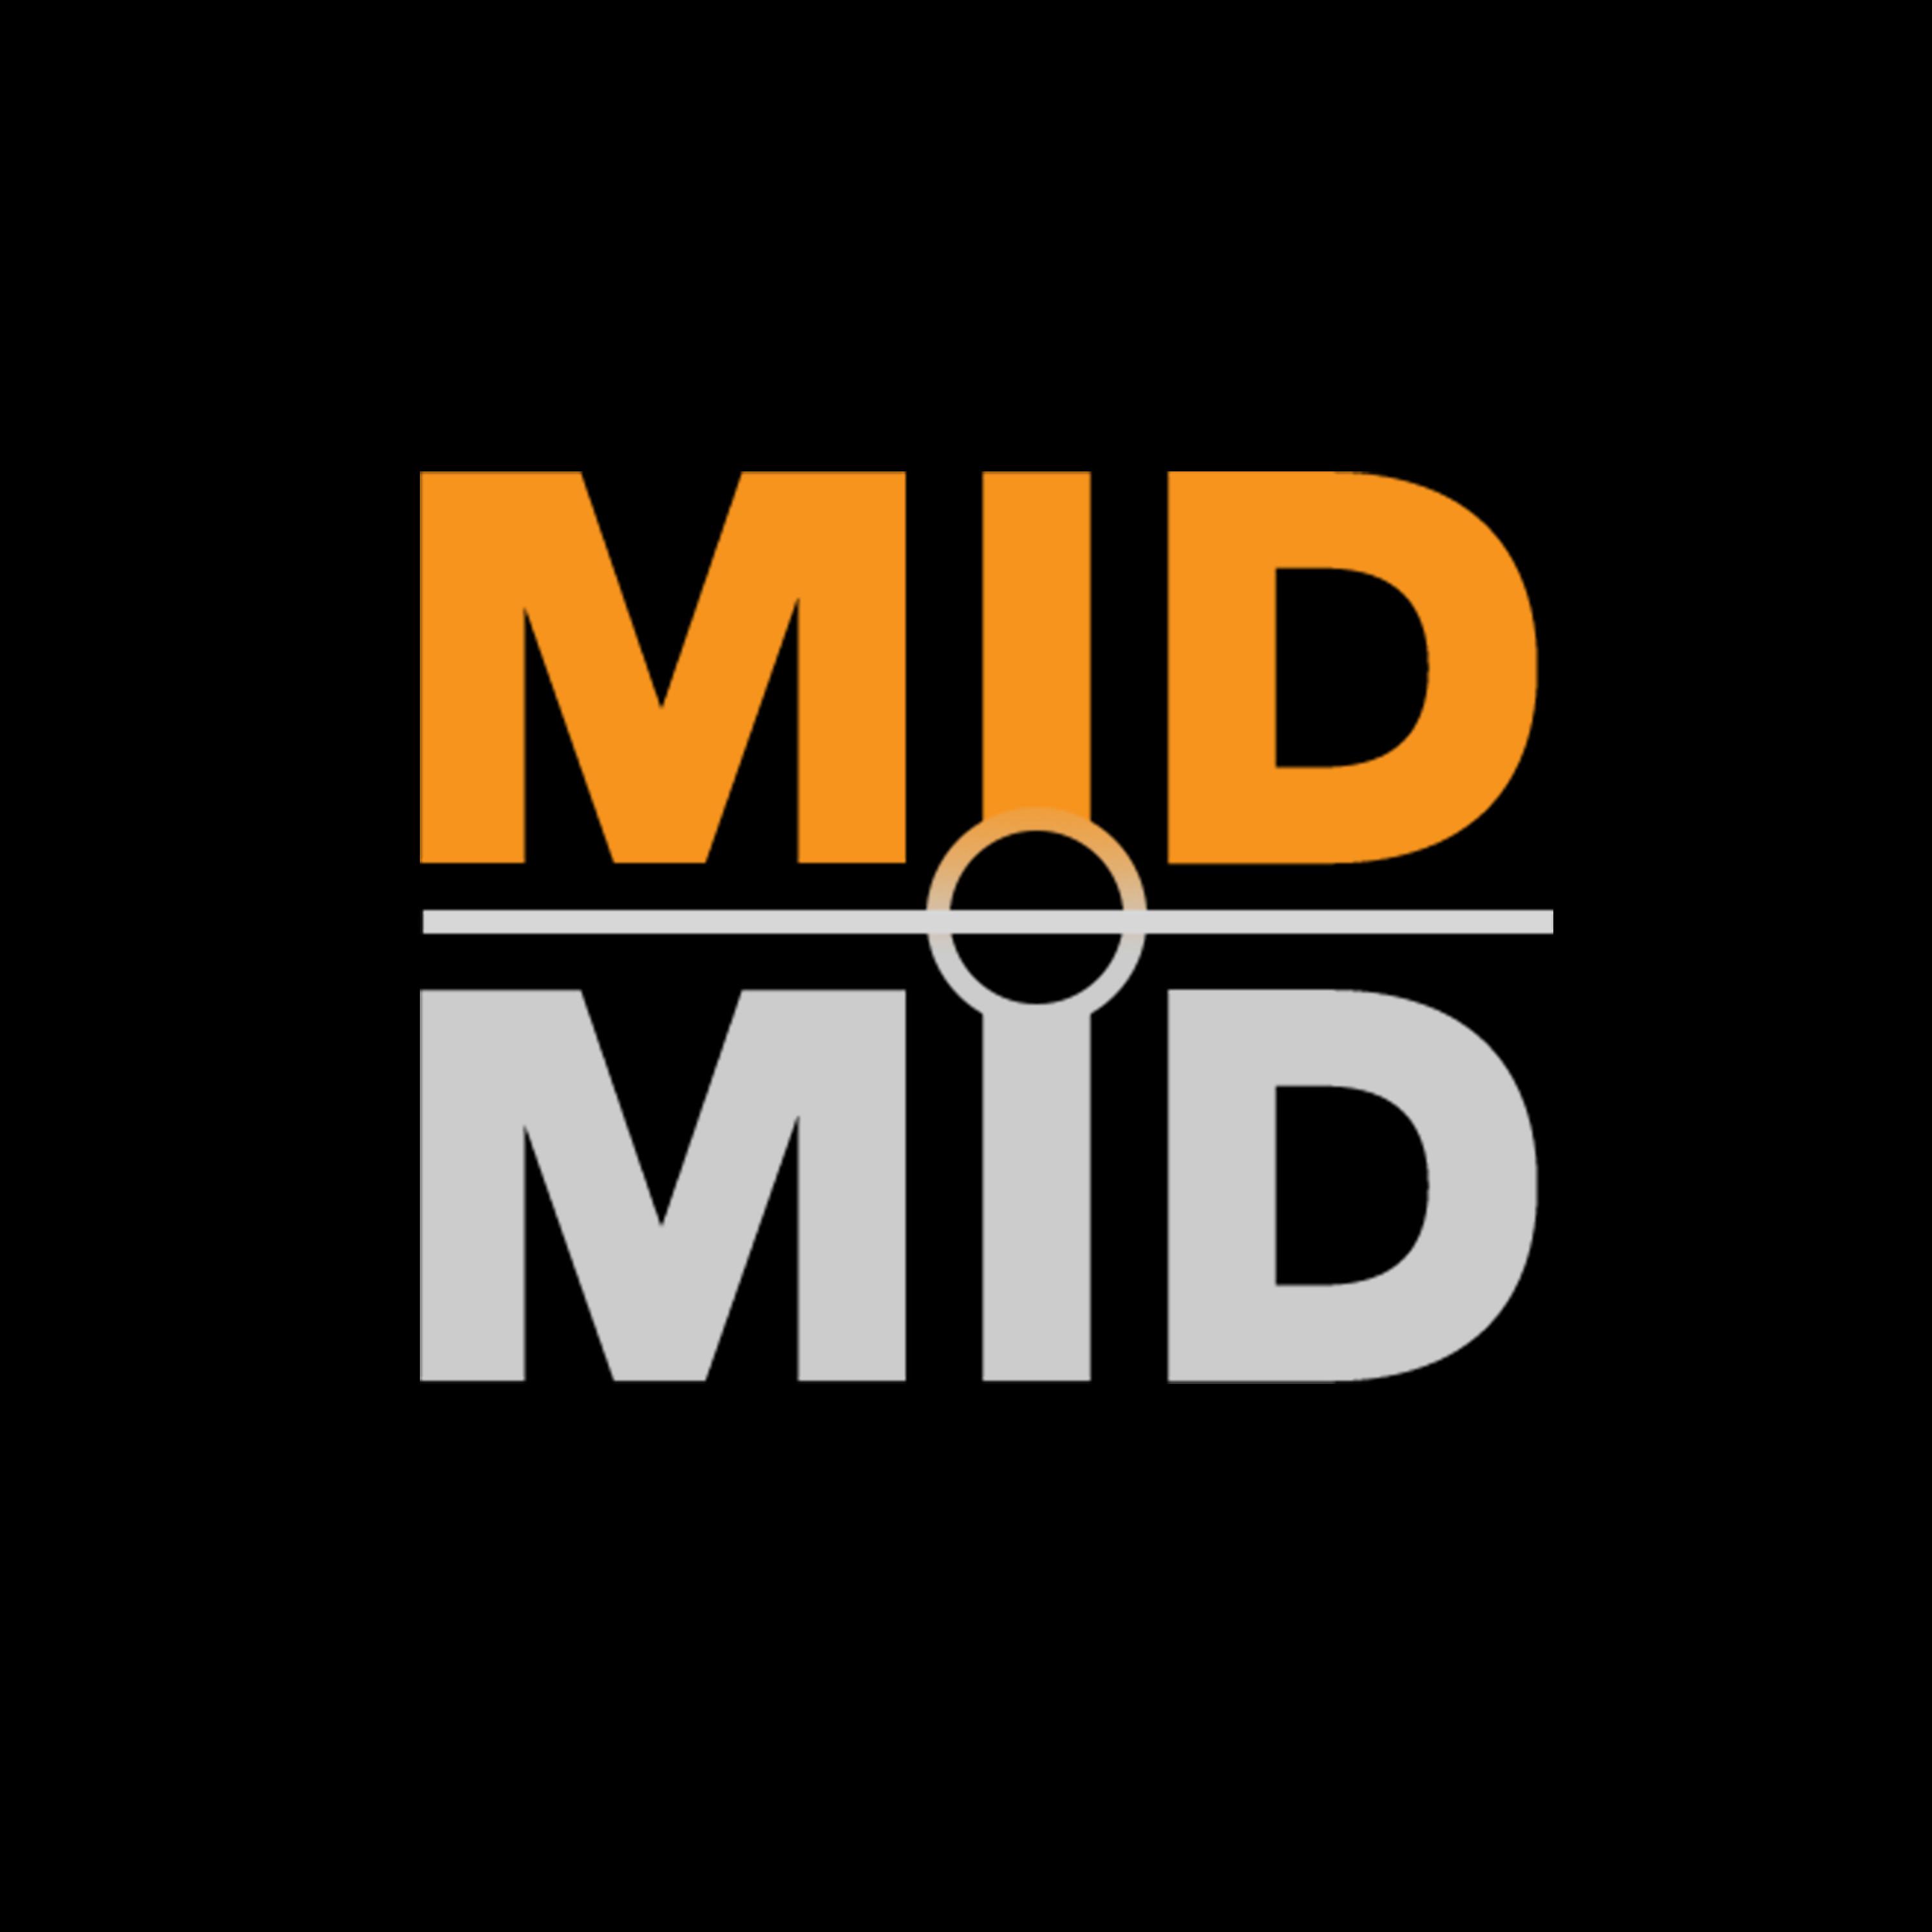 MIDMID - Padelmaestro Tom De Sutter